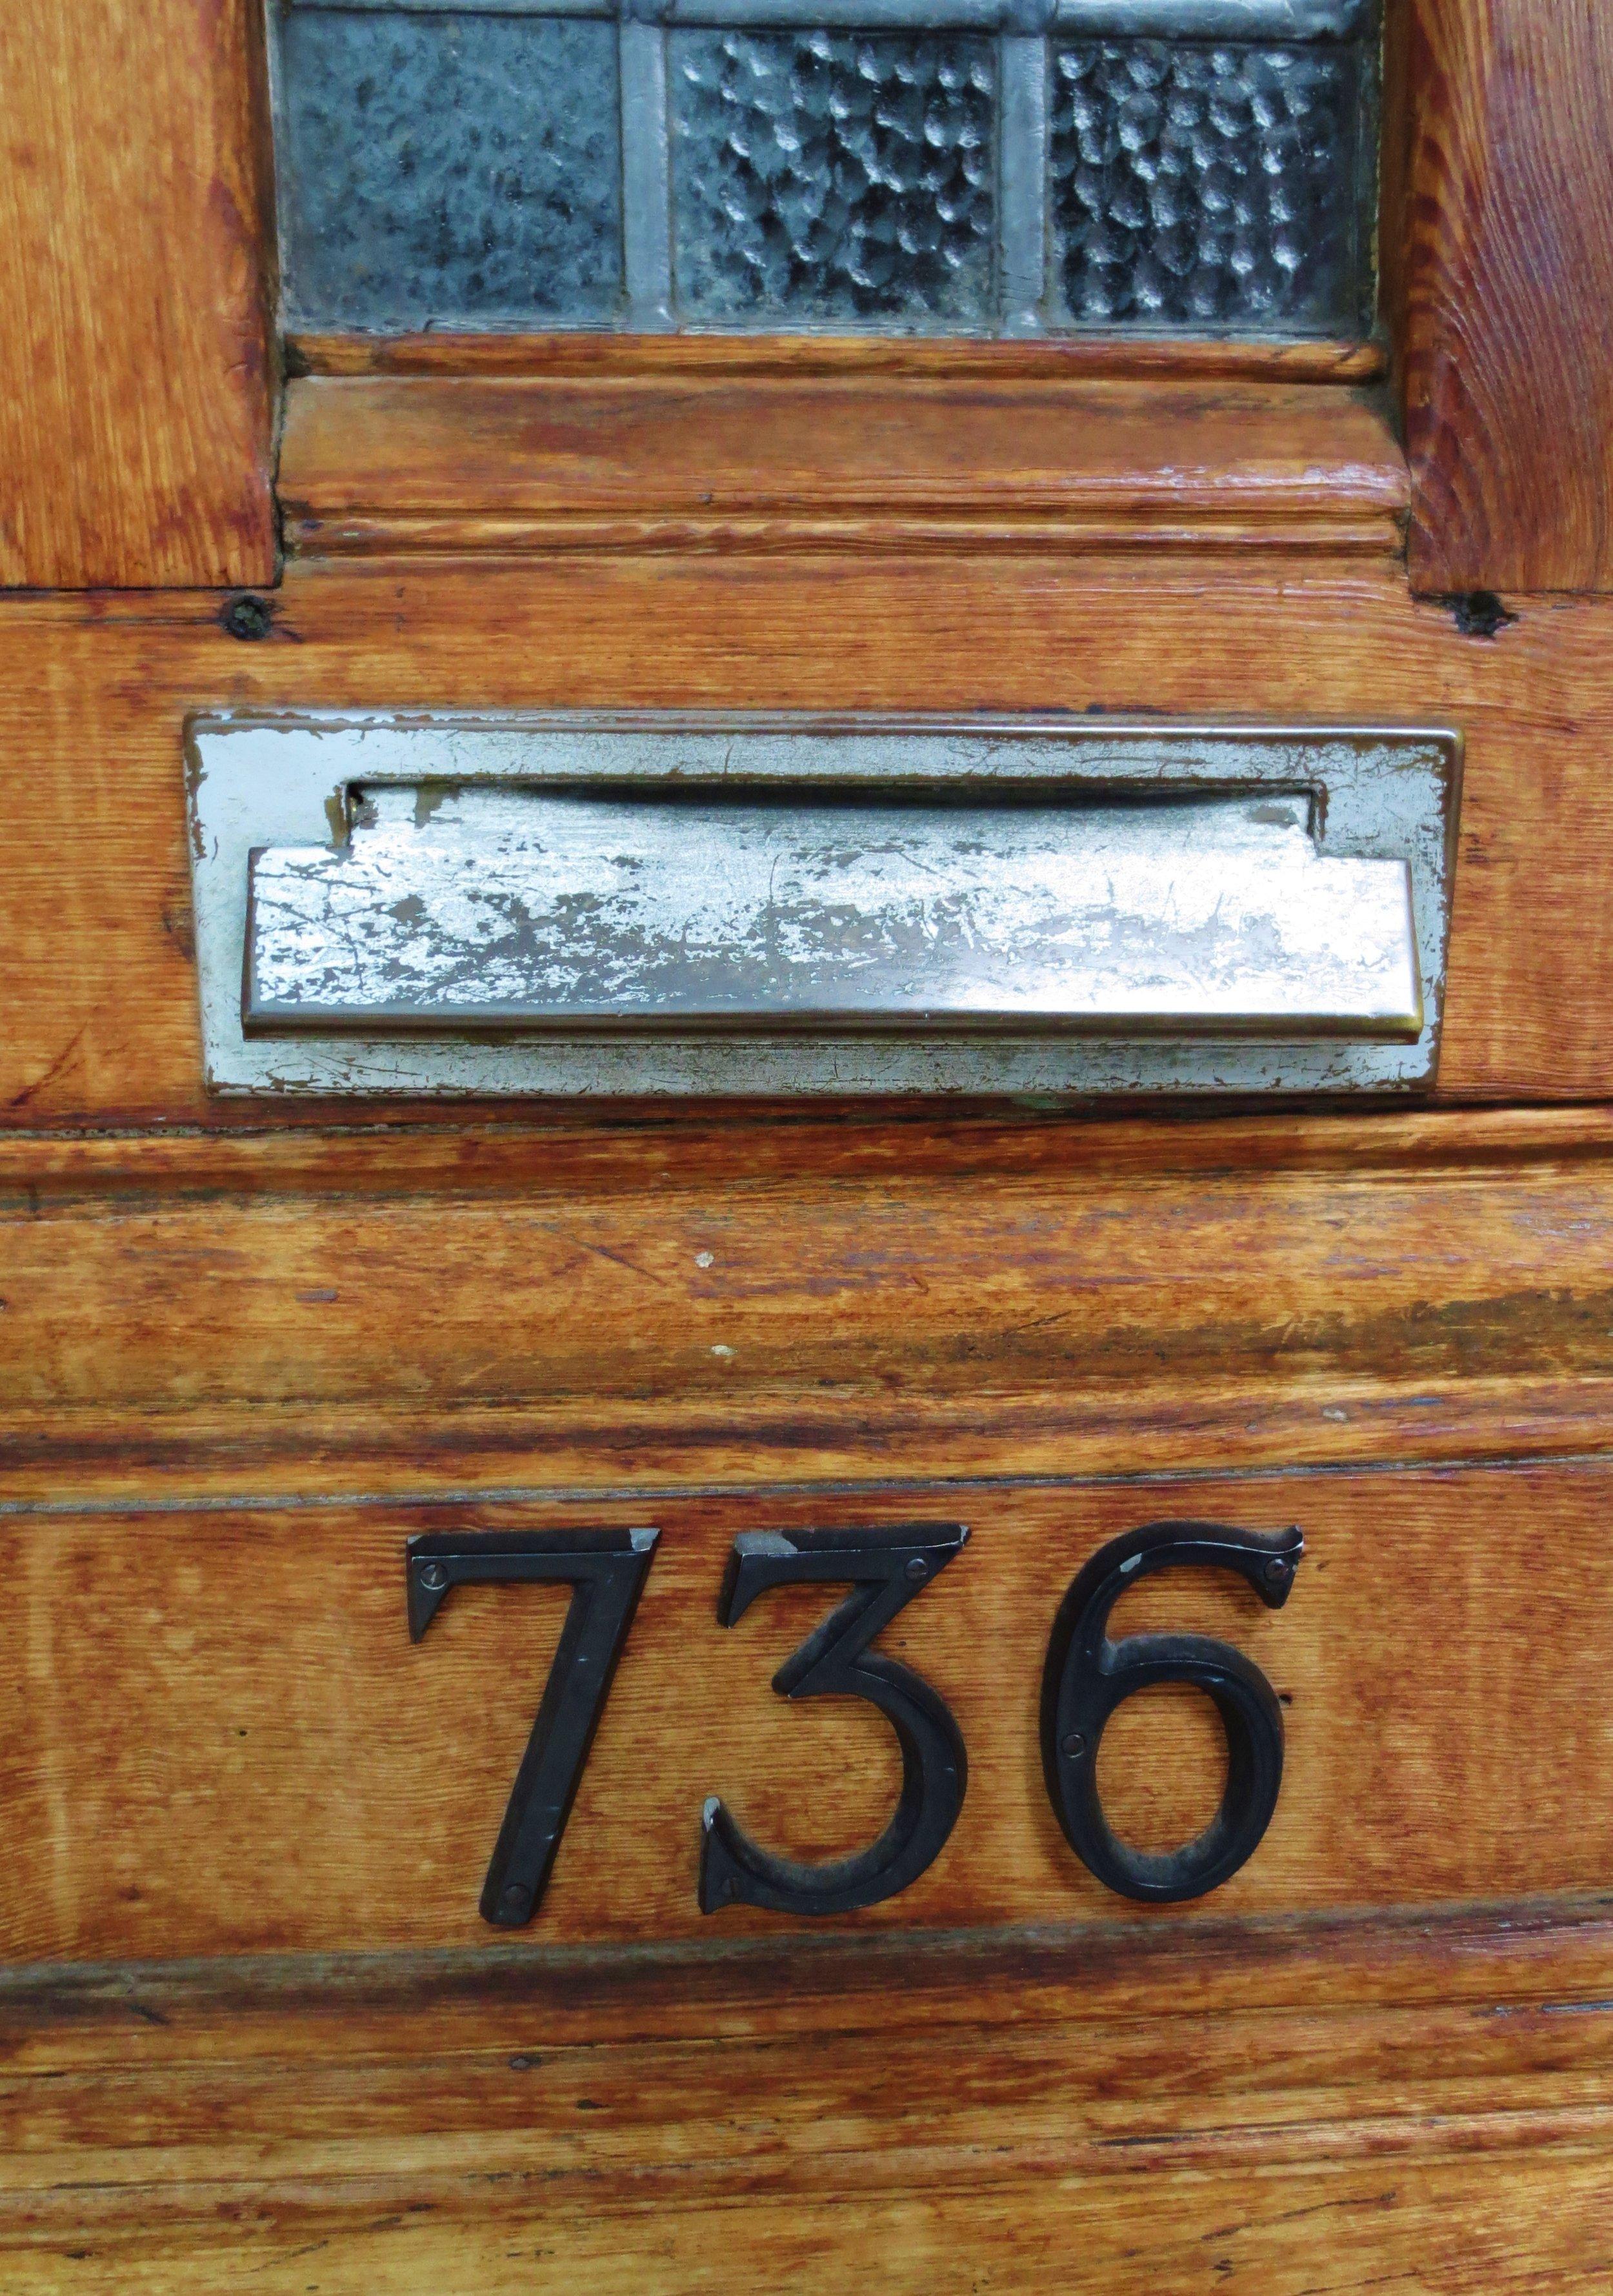 Sweat Co 736 (2).JPG